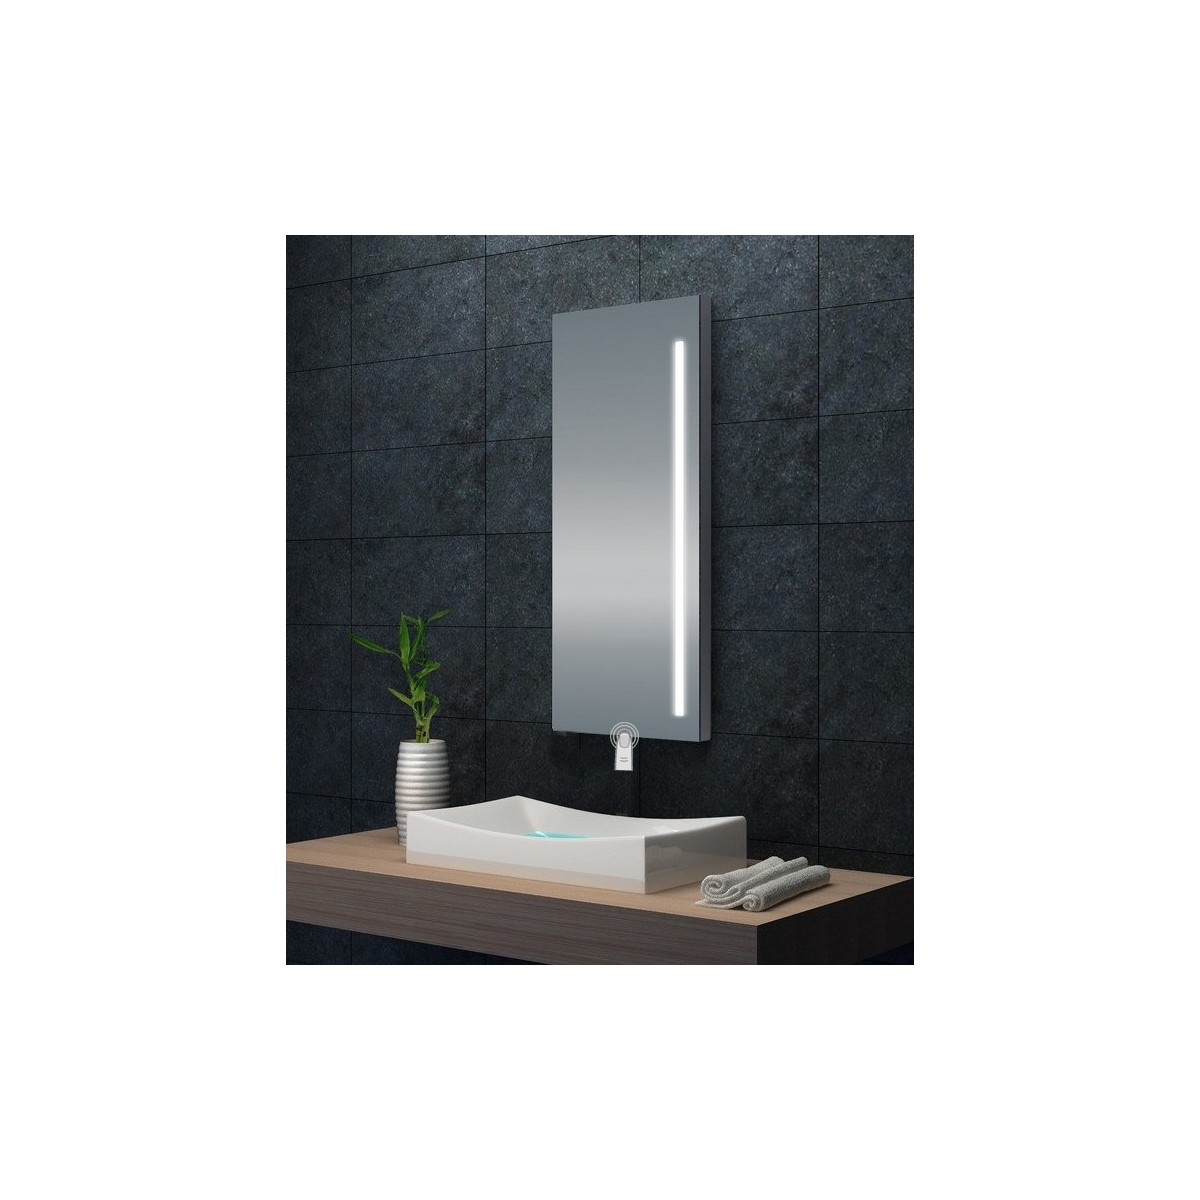 Miroir avec éclairage LED intégré Touch Moonlight 2.0